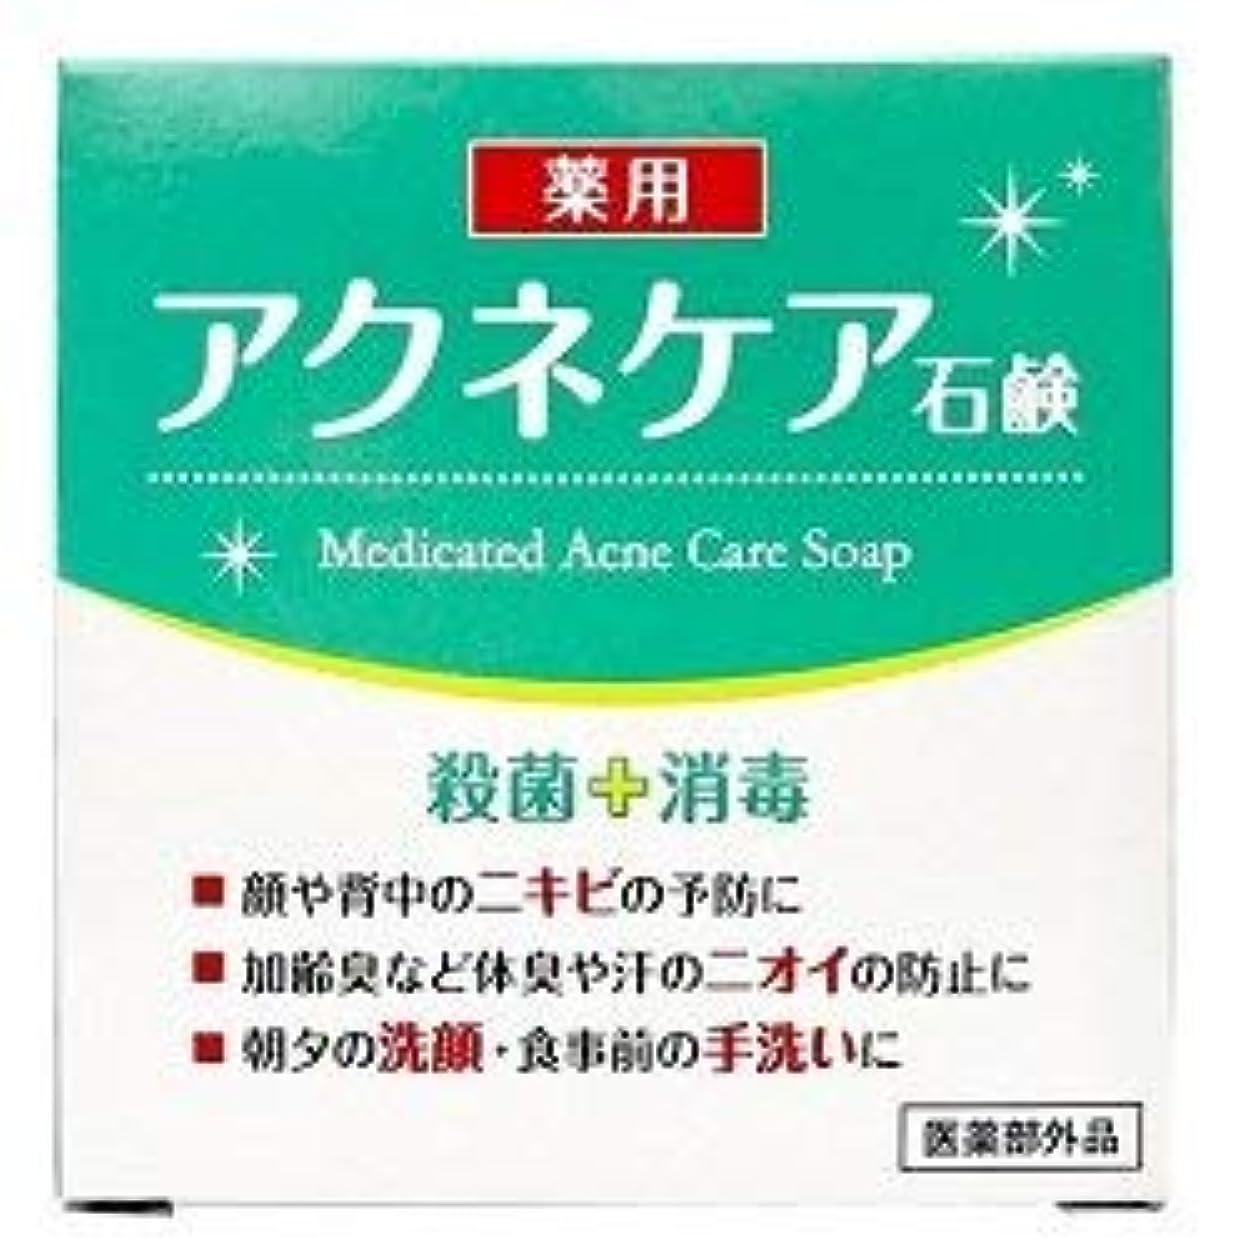 ウミウシ加害者モルヒネ薬用 アクネケア 石けん 80g (医薬部外品)